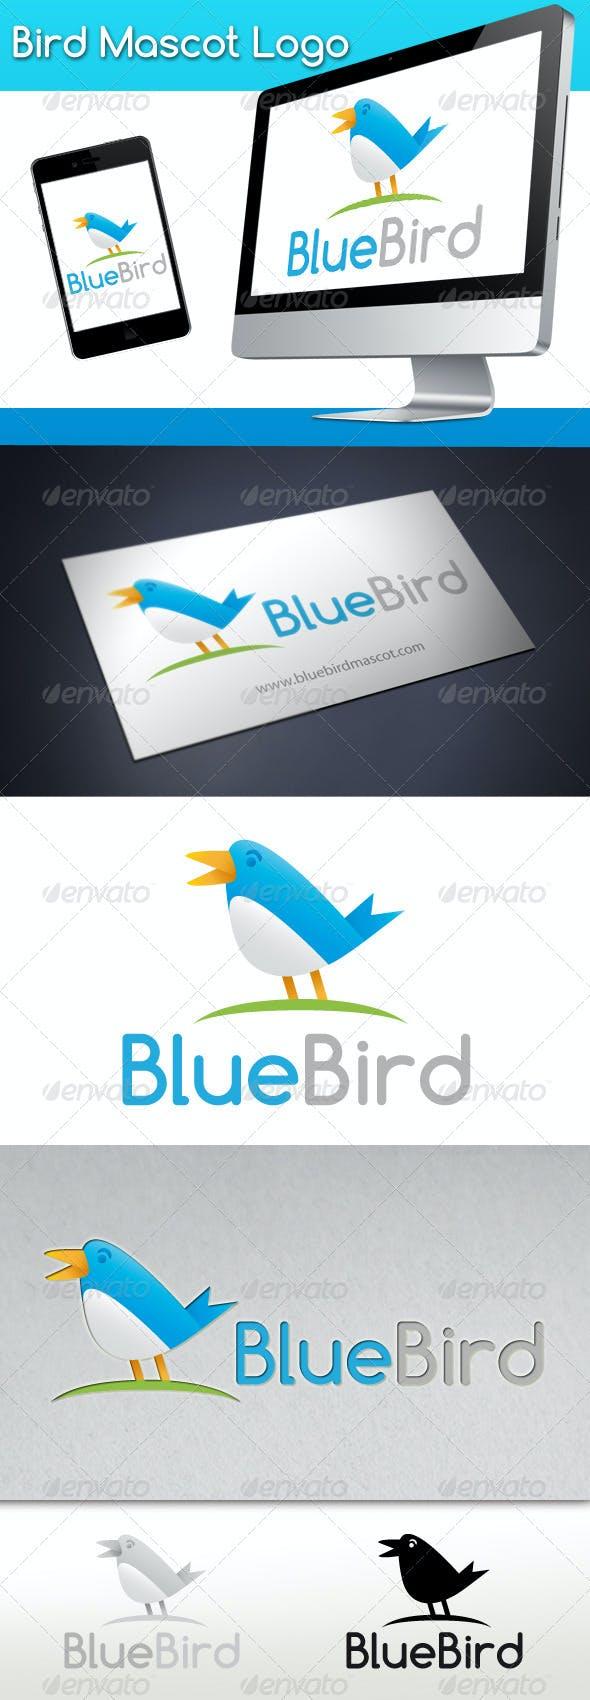 Bird Mascot Logo